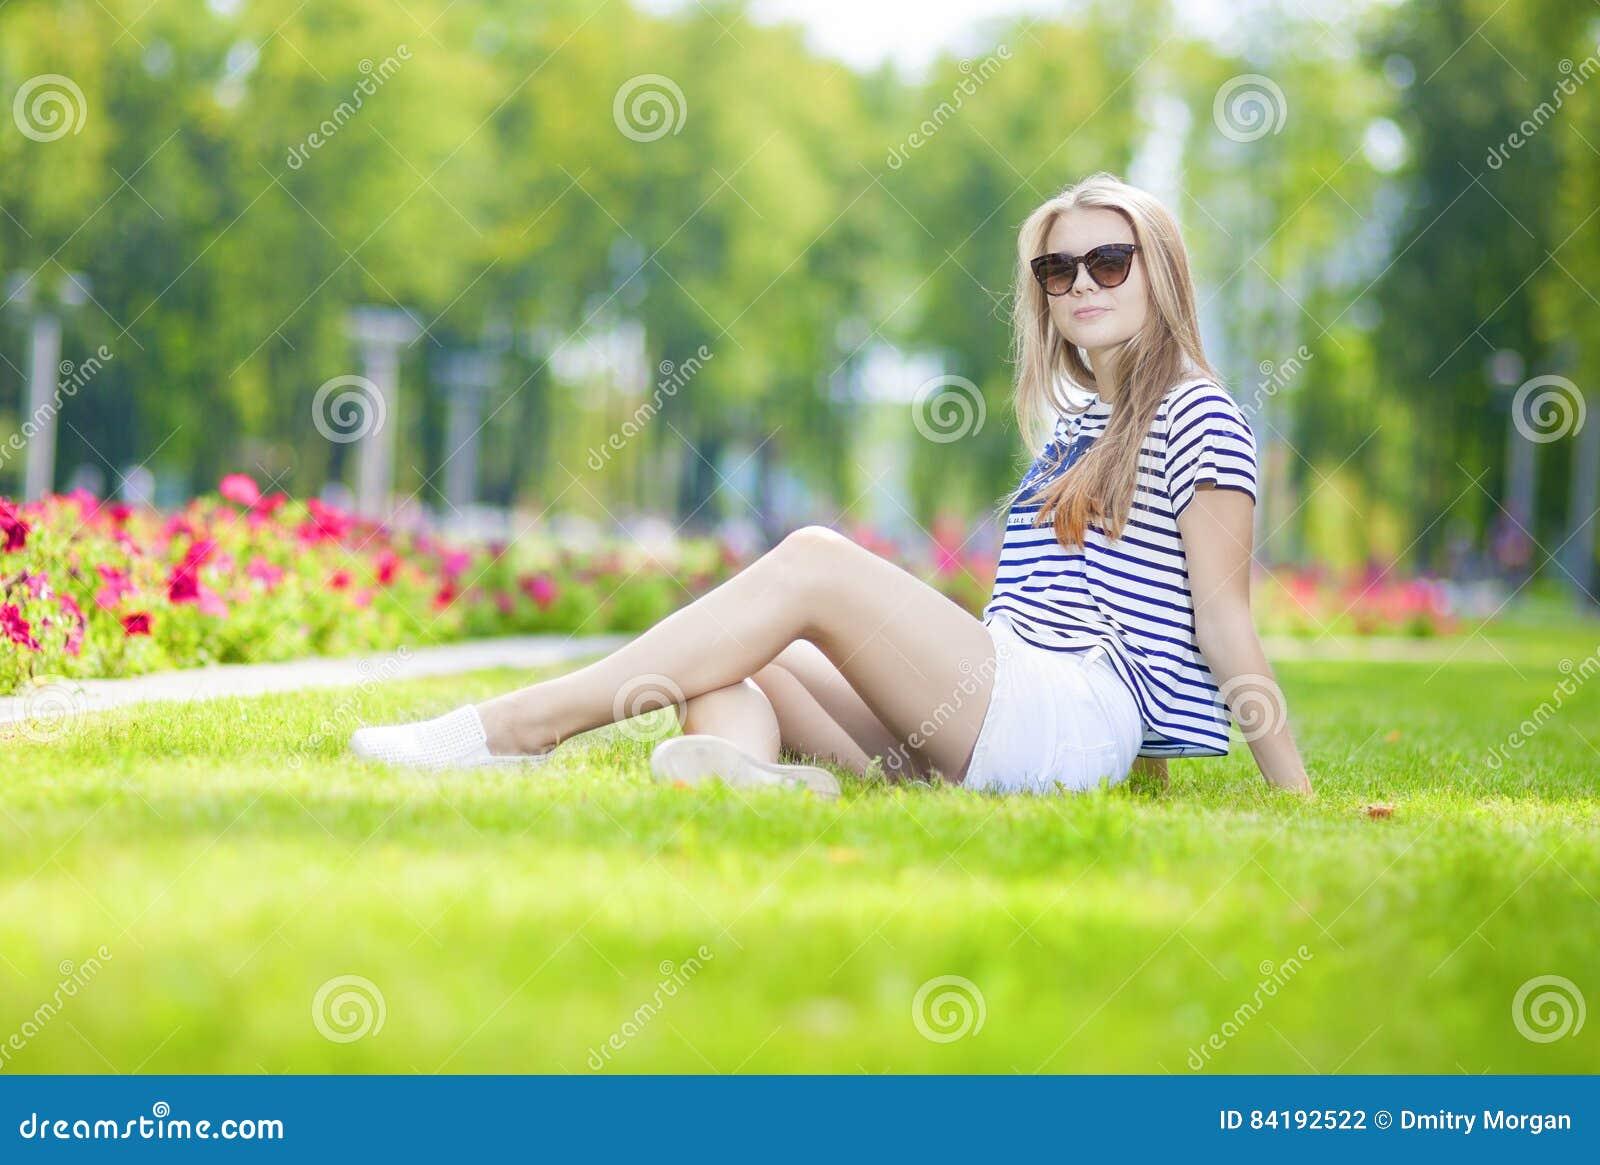 Έννοιες τρόπου ζωής εφήβων Χαριτωμένος ήρεμος καυκάσιος ξανθός έφηβος